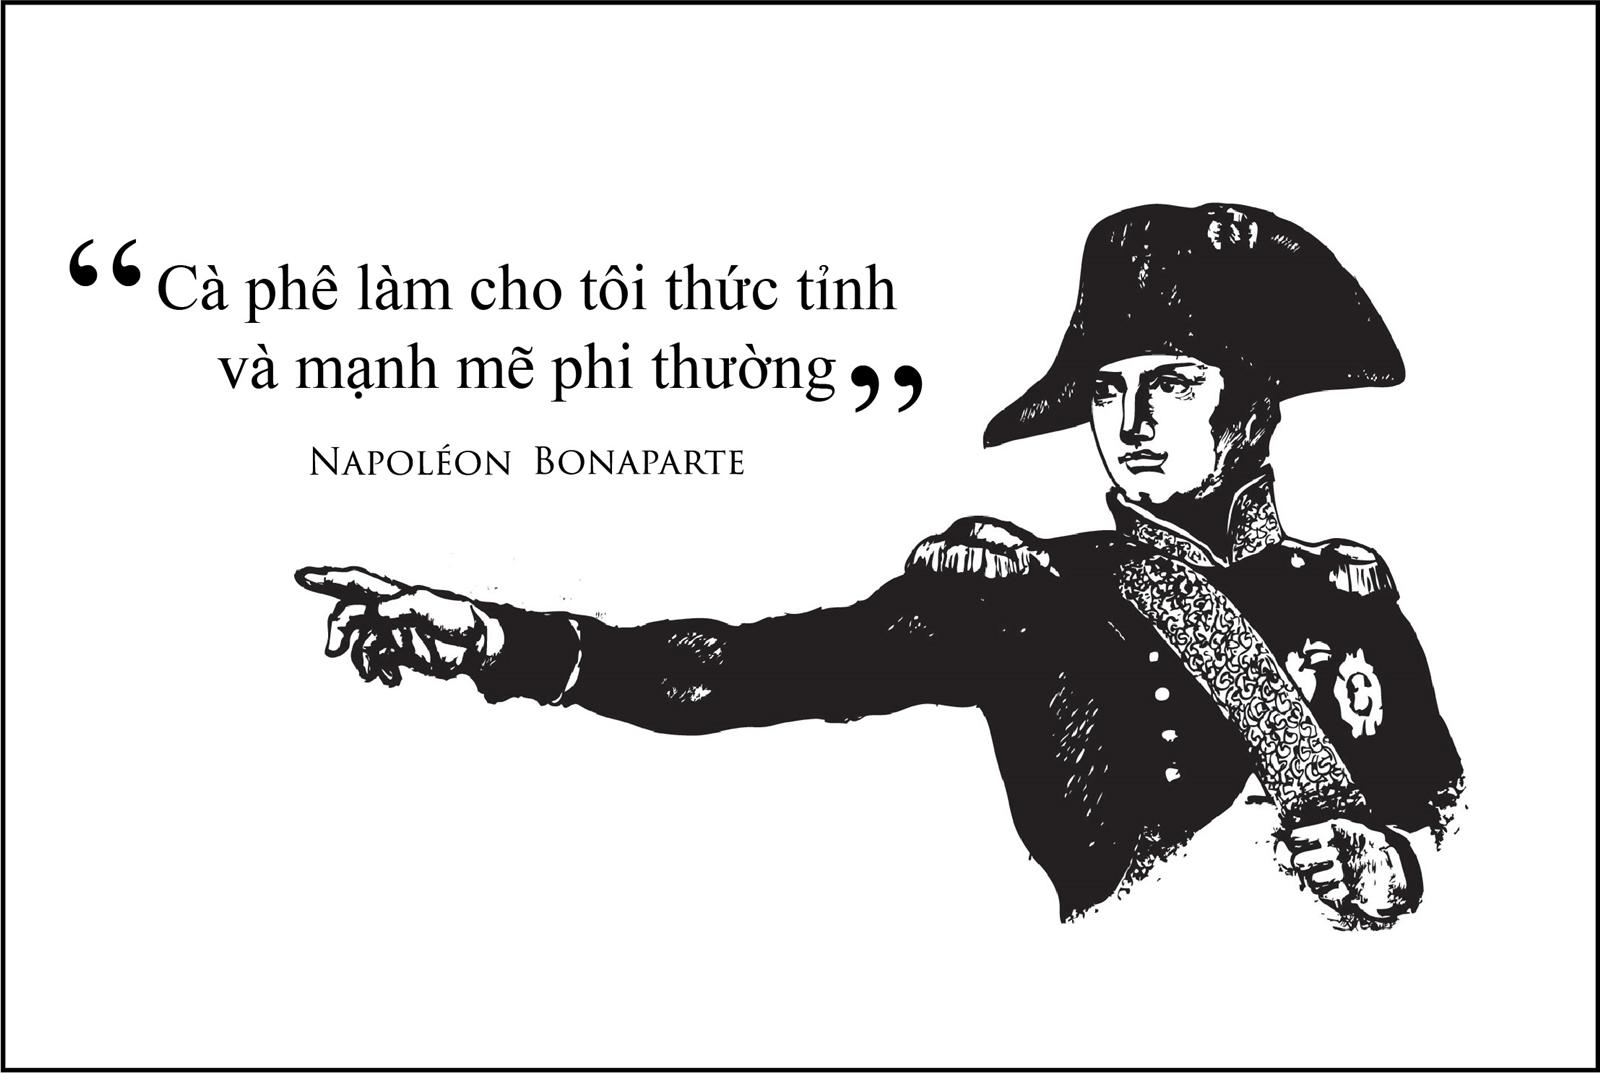 """Tại sao Napoléon lại nói câuCÀ PHÊ LÀM CHO TÔI THỨC TỈNH VÀ MẠNH MẼ PHI THƯỜNG"""""""